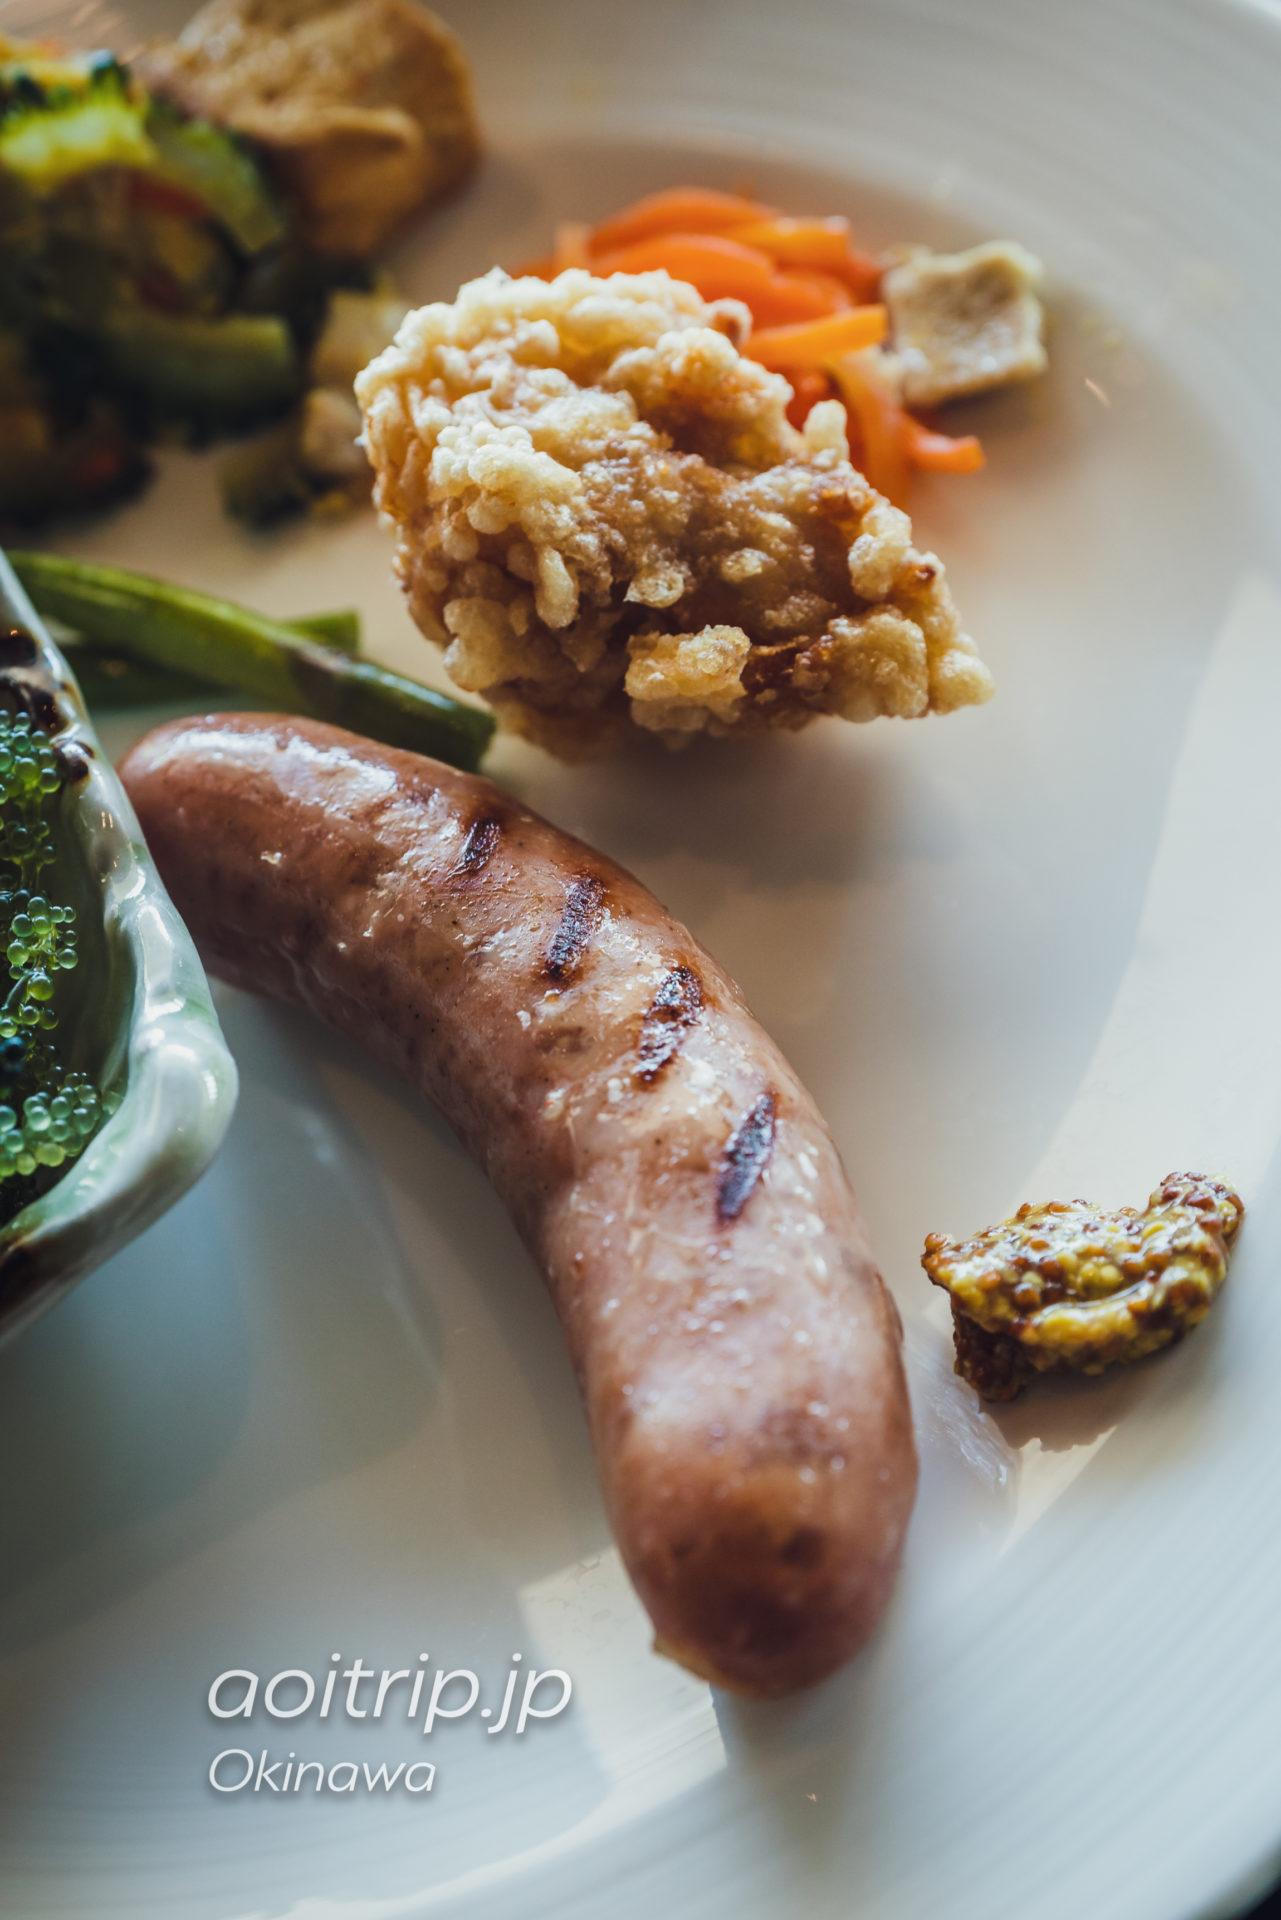 リーガロイヤルグラン沖縄の朝食 しまぶたソーセージ